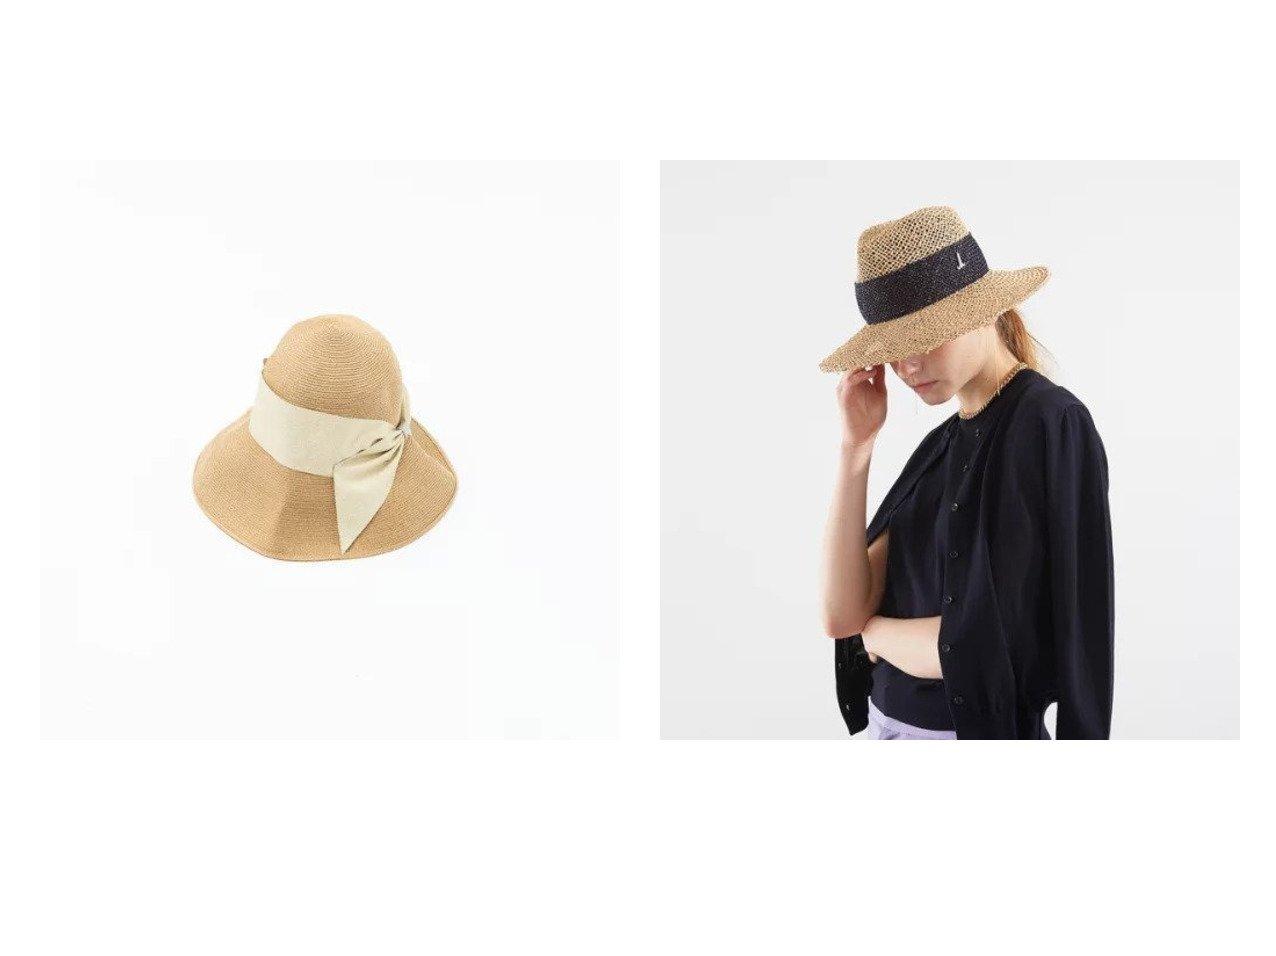 【DESIGN WORKS/デザイン ワークス】のAthena Glitter Risako ペーパーHAT&Muhlbauer ハット おすすめ!人気、トレンド・レディースファッションの通販 おすすめで人気の流行・トレンド、ファッションの通販商品 インテリア・家具・メンズファッション・キッズファッション・レディースファッション・服の通販 founy(ファニー) https://founy.com/ ファッション Fashion レディースファッション WOMEN 帽子 Hats コレクション 帽子 アクセサリー グリッター シンプル スペシャル ニューヨーク ペーパー モチーフ リボン 夏 Summer |ID:crp329100000071685